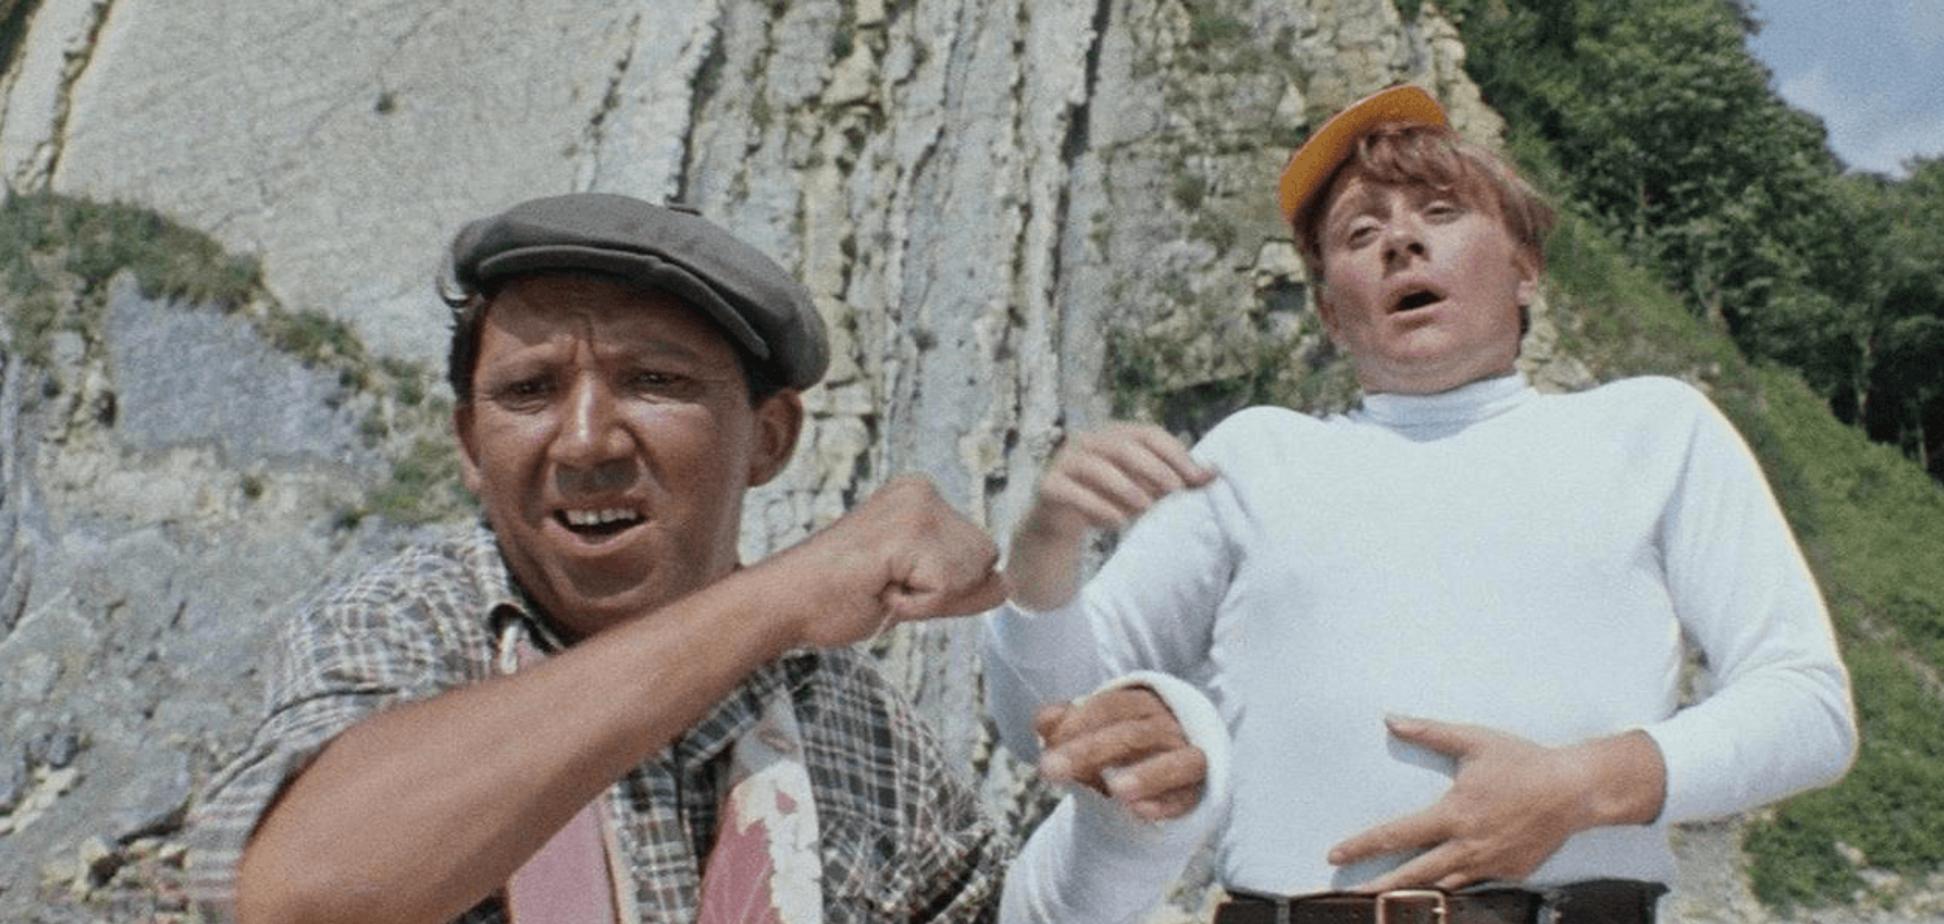 Де знімали знамениту риболовлю з 'Діамантової руки': фото 50 років по тому